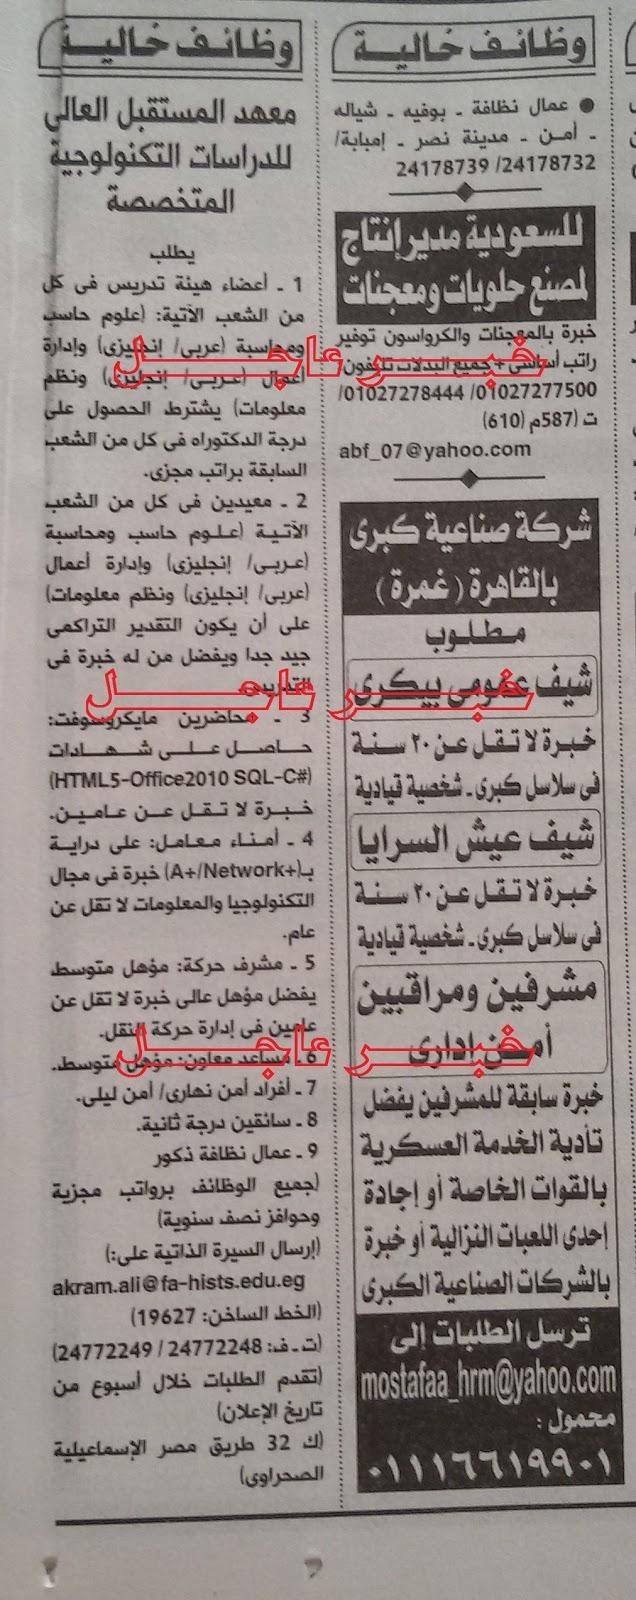 """وظائف جريدة الاهرام الحكومية والخاصة داخل وخارج مصر اليوم """" 25 اعلان وظائف """""""